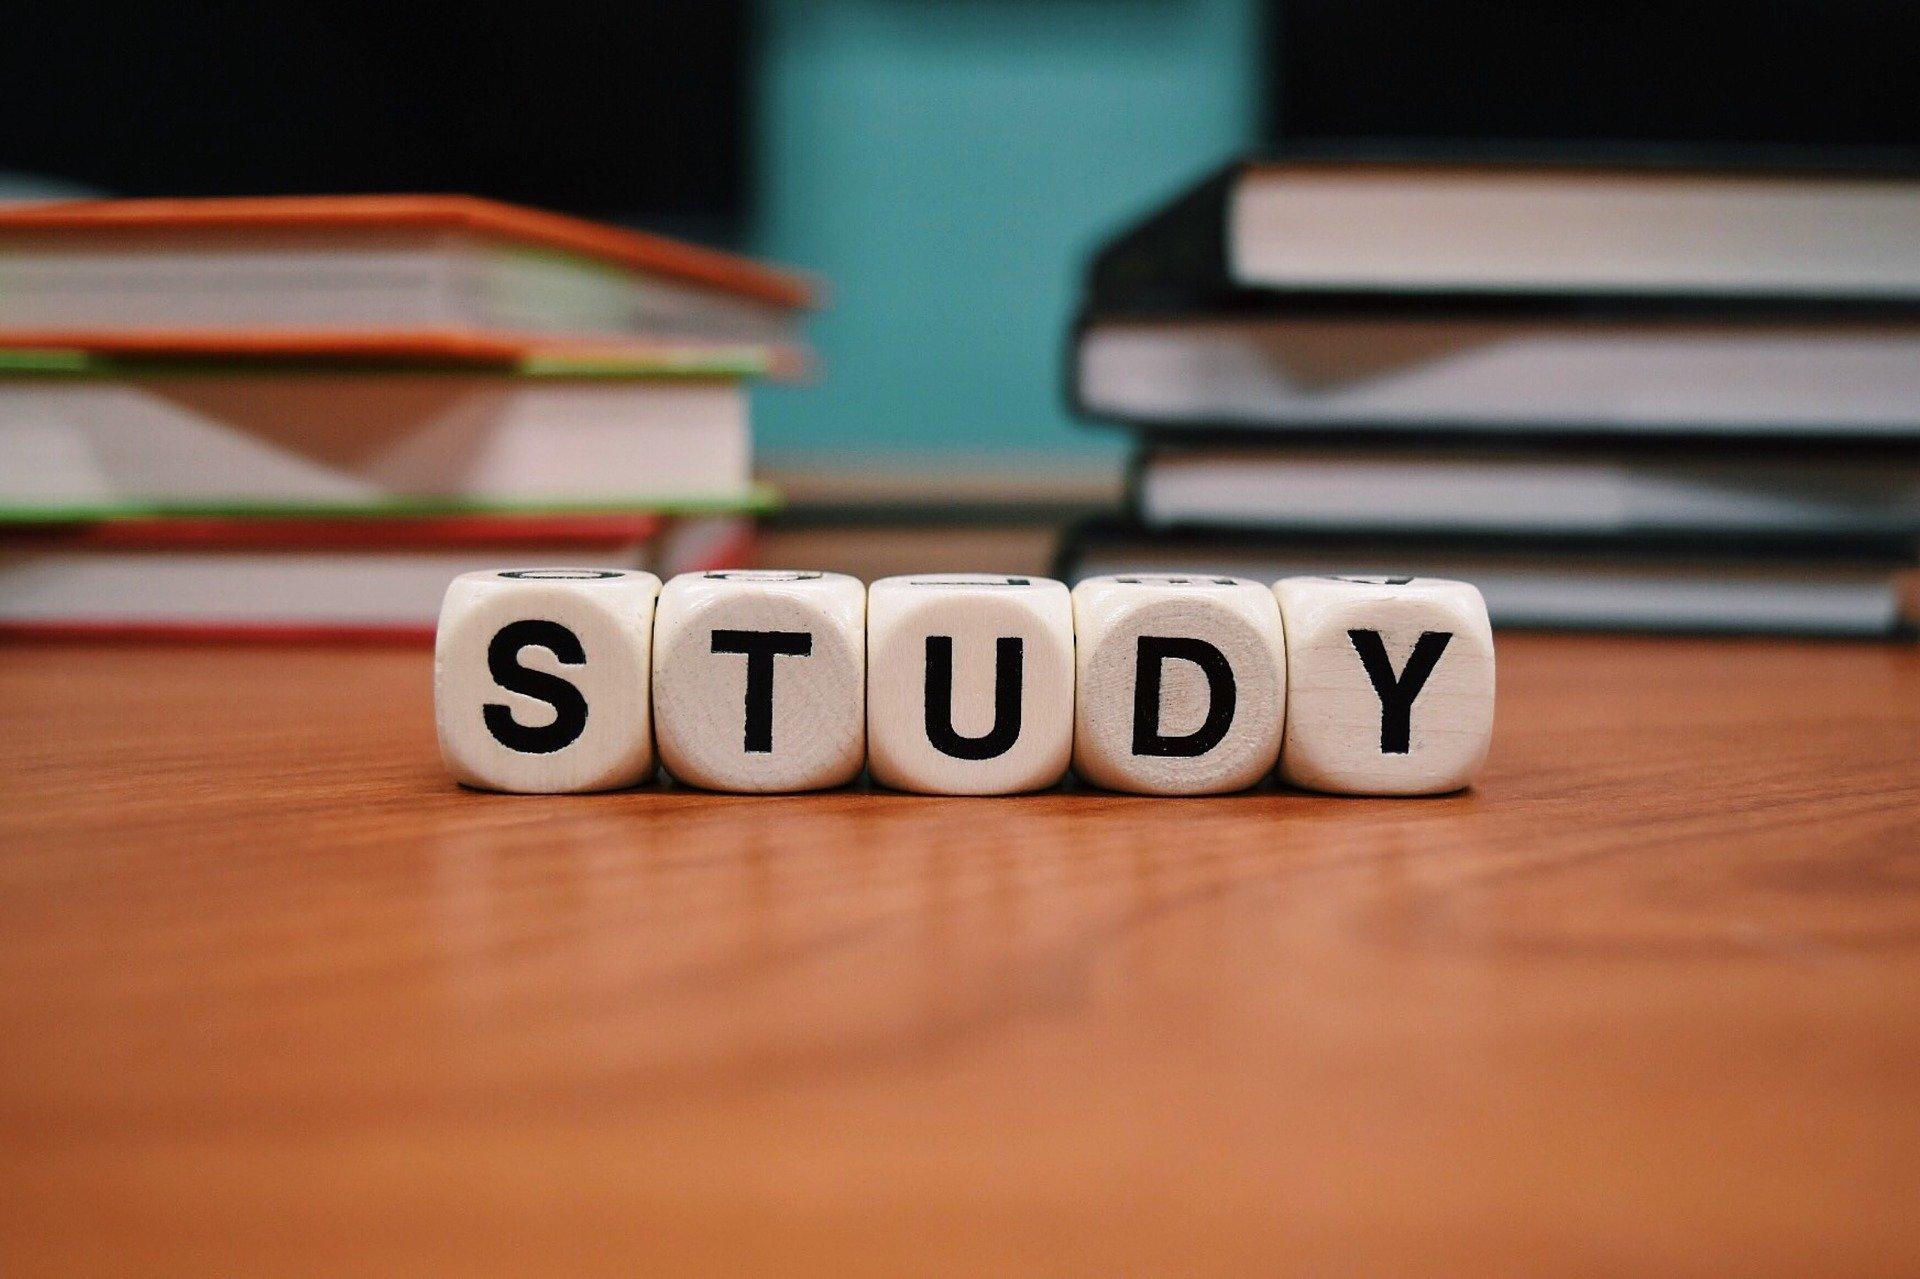 Studium